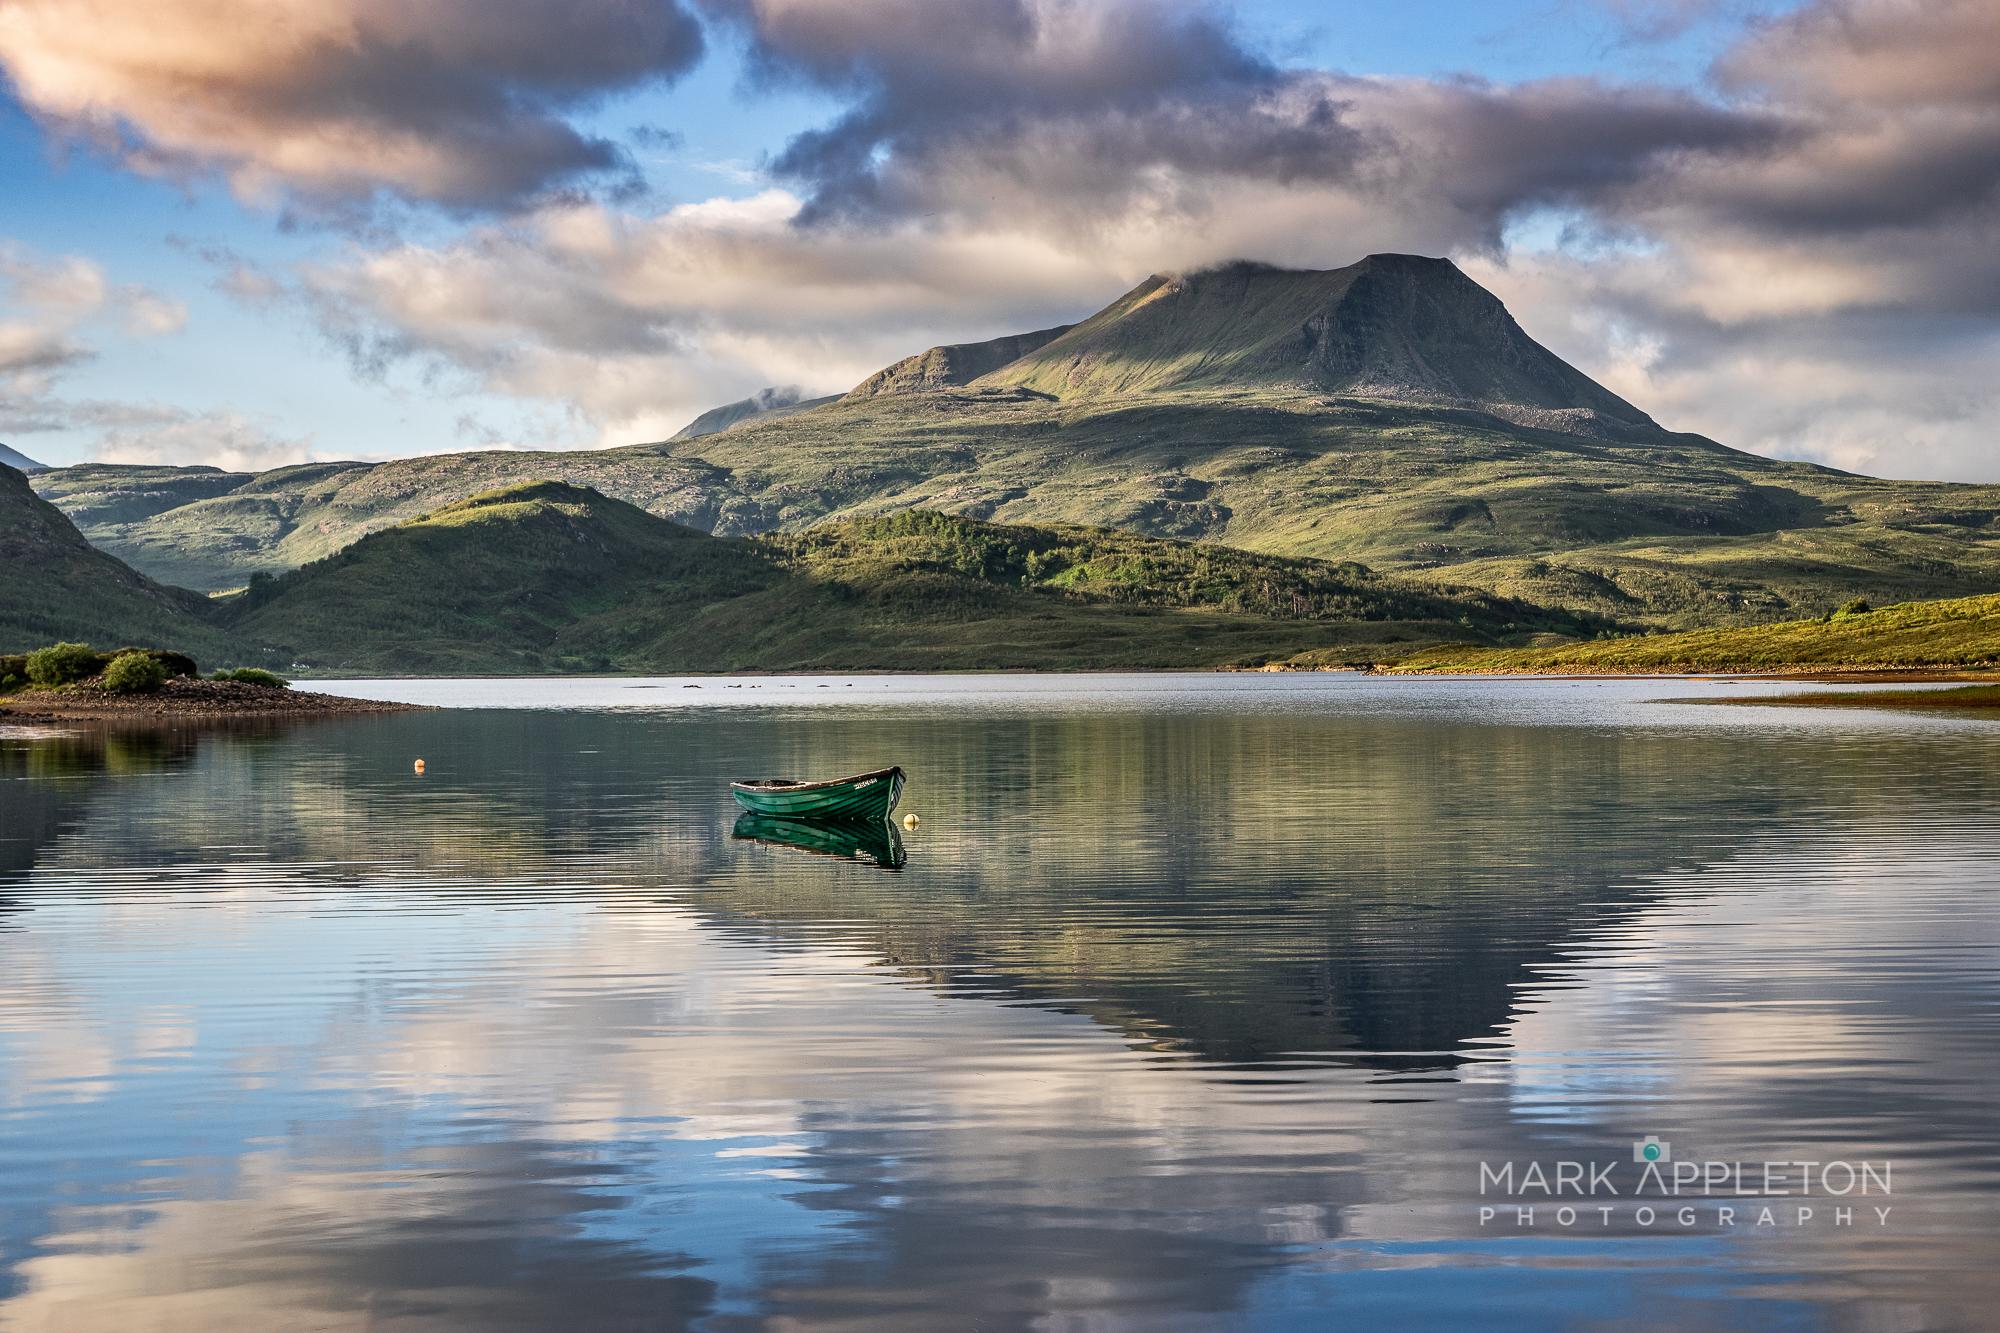 Baosbheinn, Loch Bad an Sgalaig